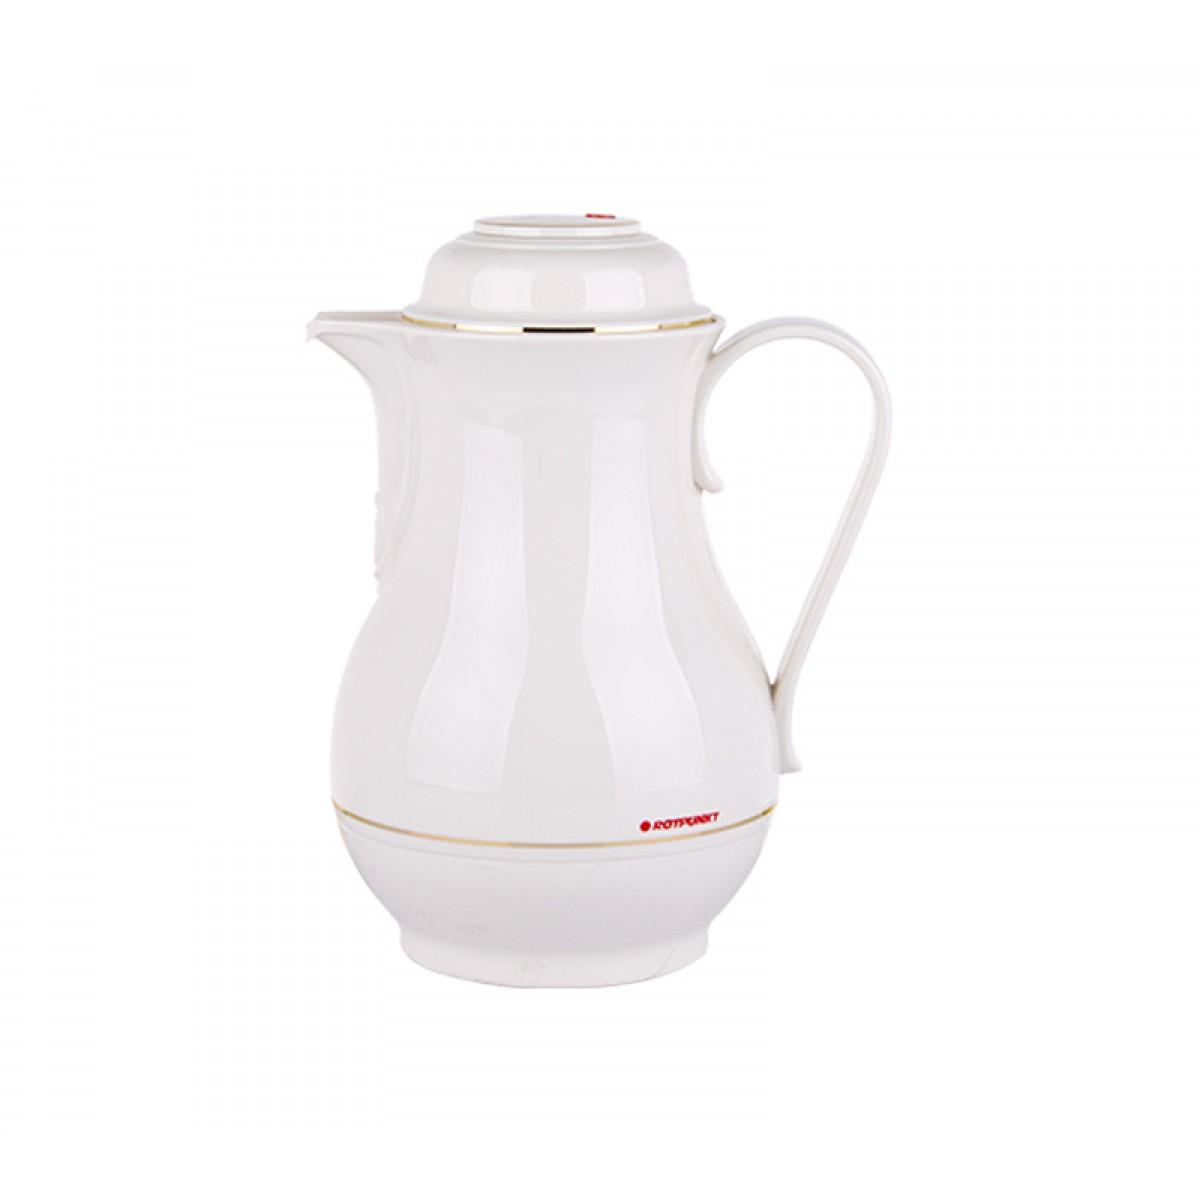 روتبونت ترمس شاي وقهوة بلاستيك الماني ,1.2 لتر ,C-576-830